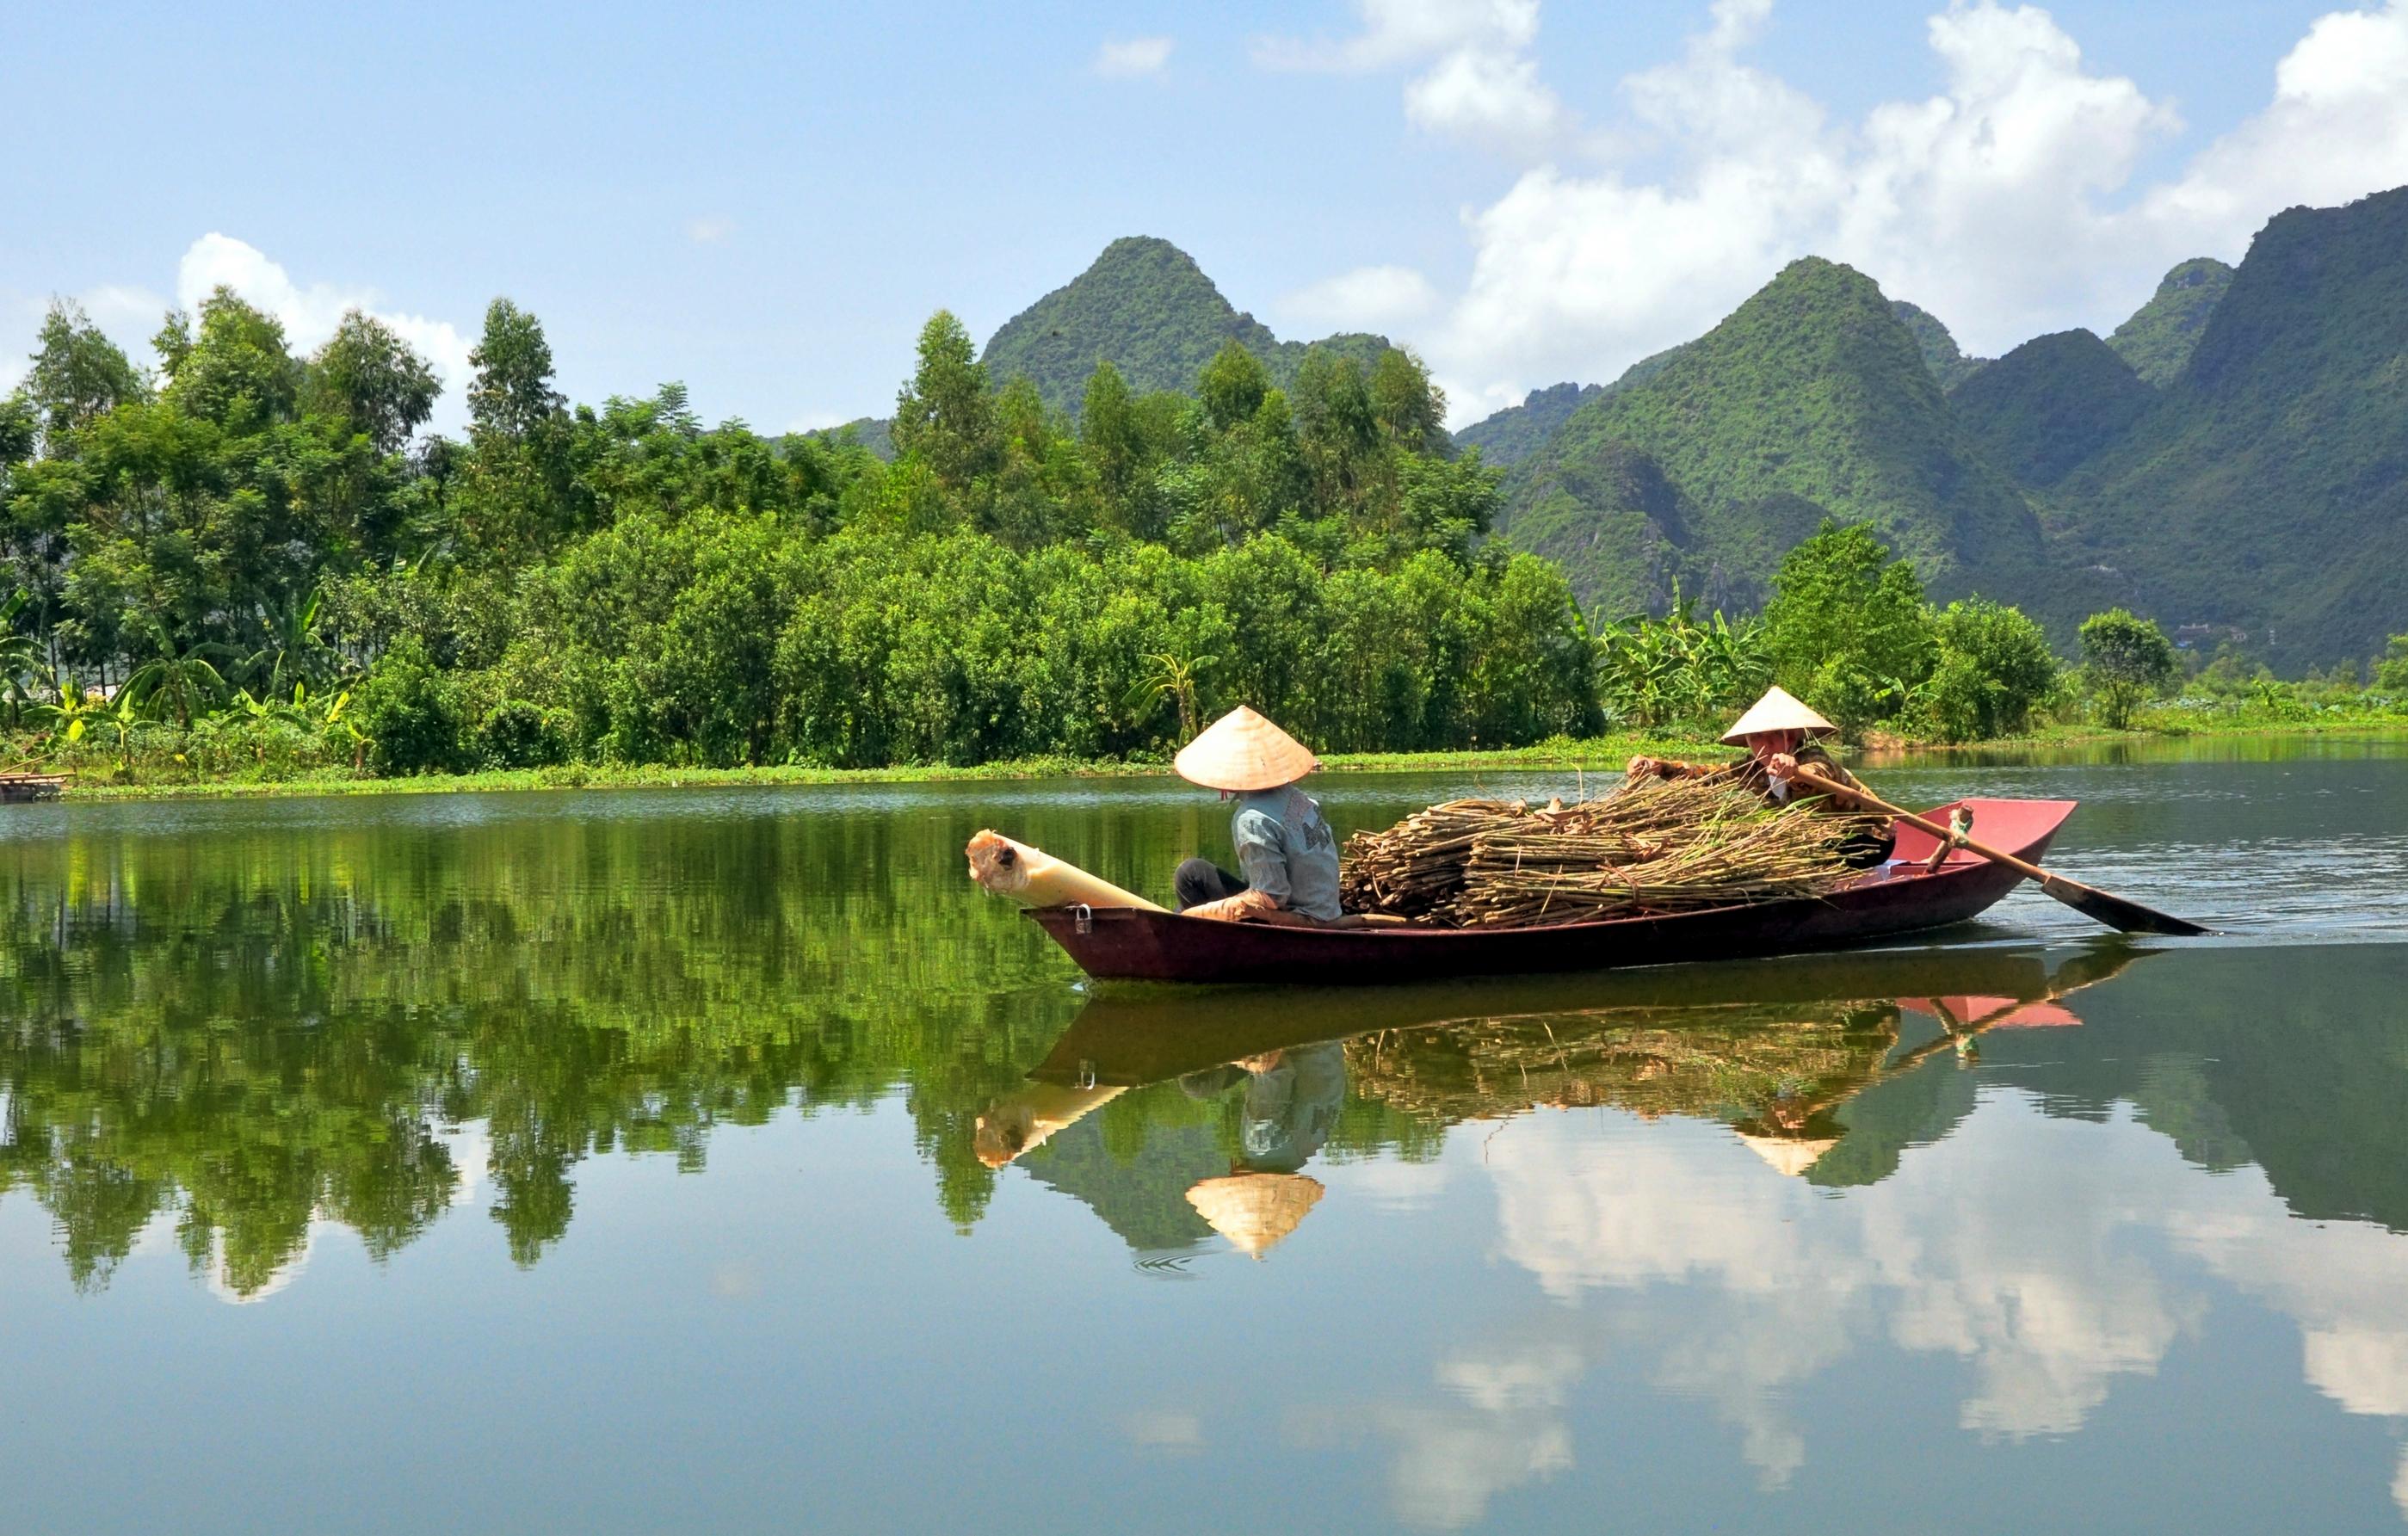 VIETNAM SMILING